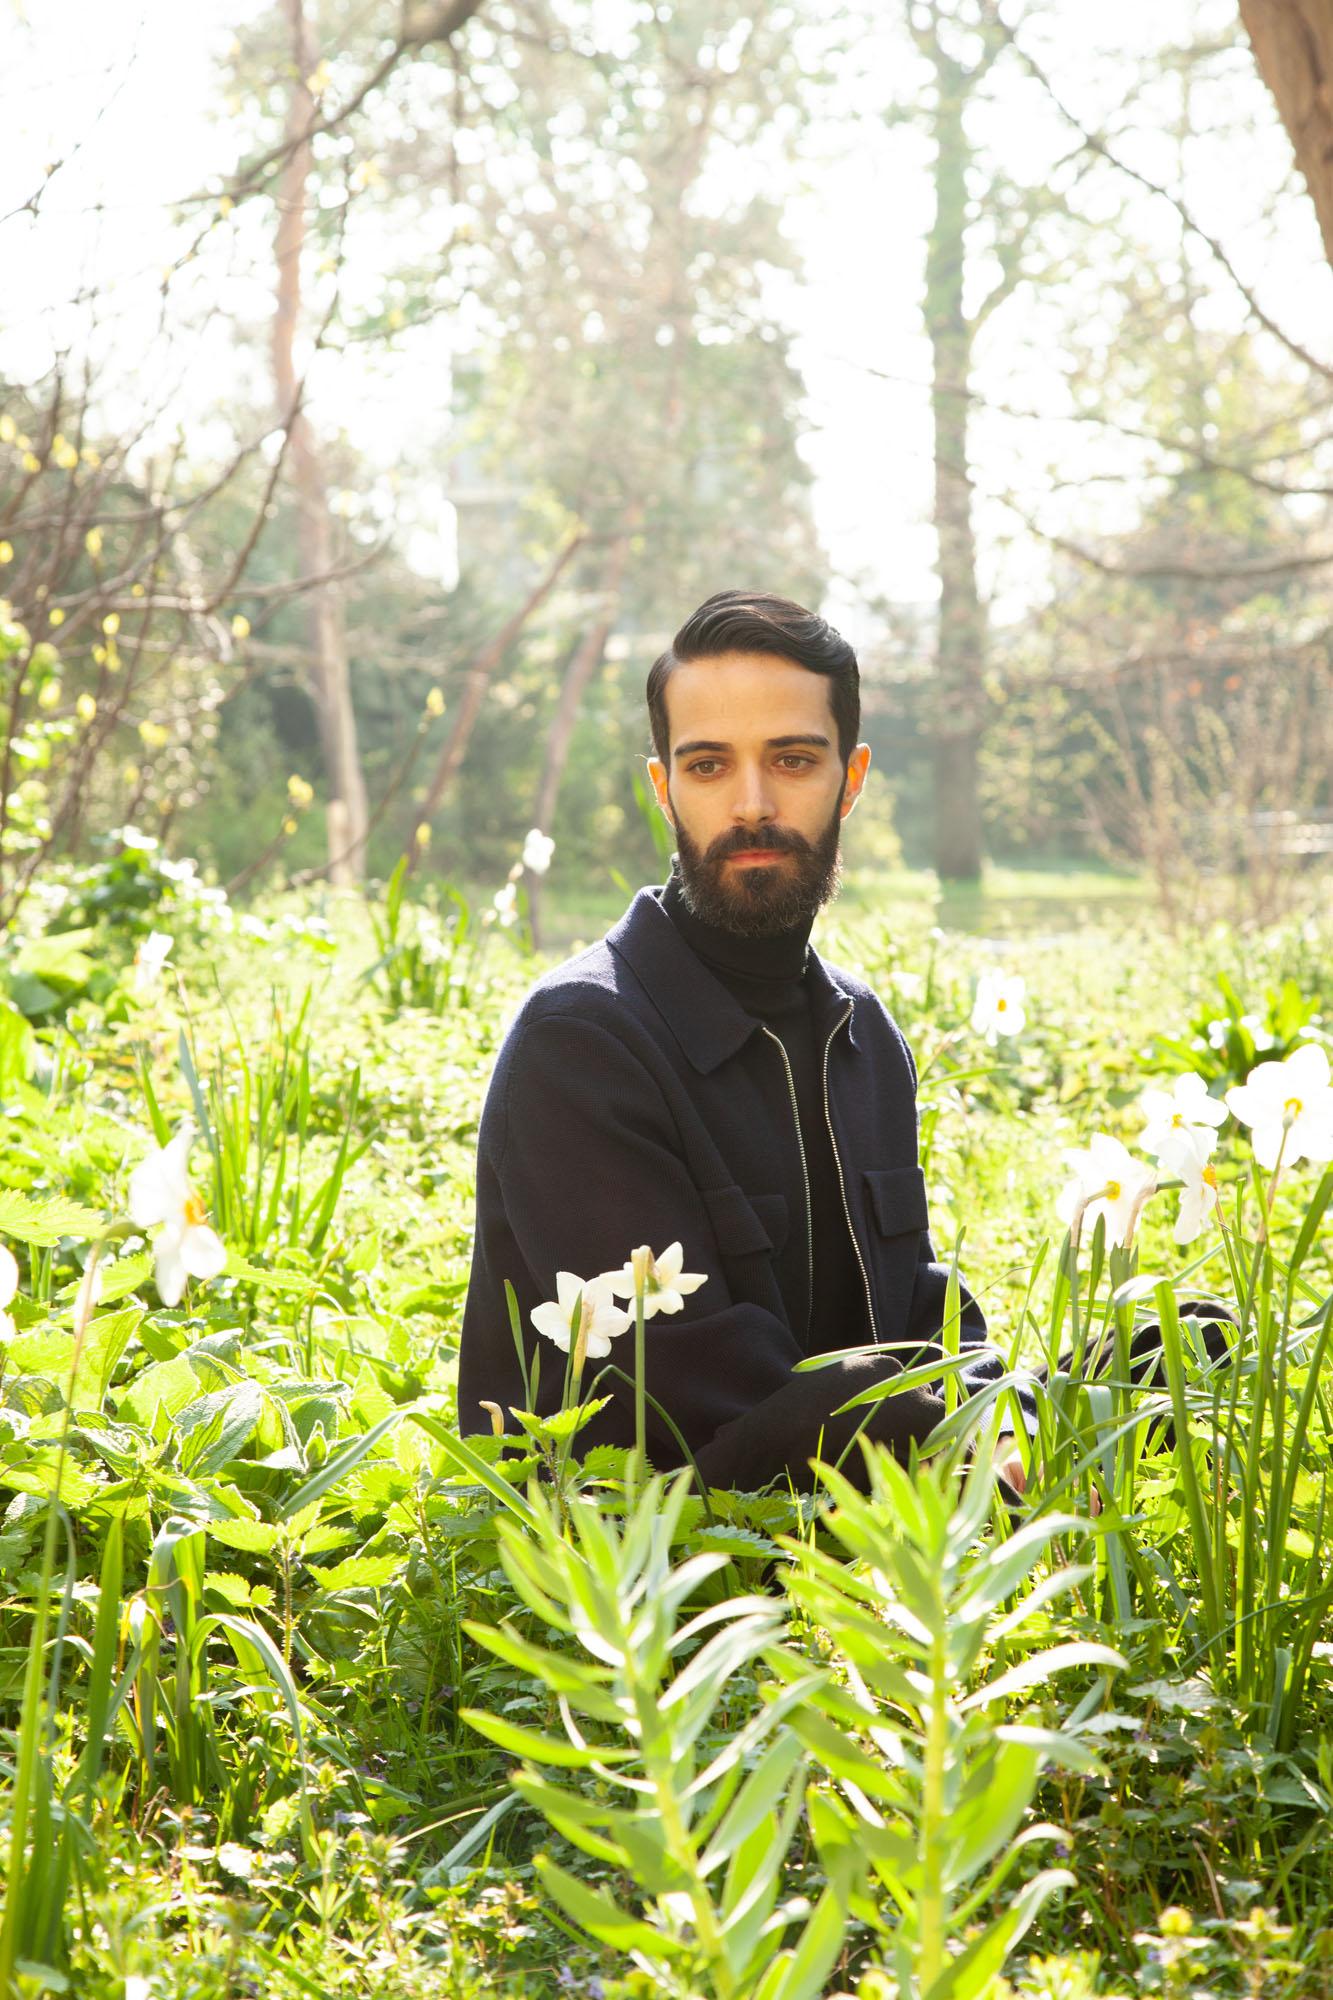 Andrea Trimarchi, du duo de designers italiens Formafantasma.